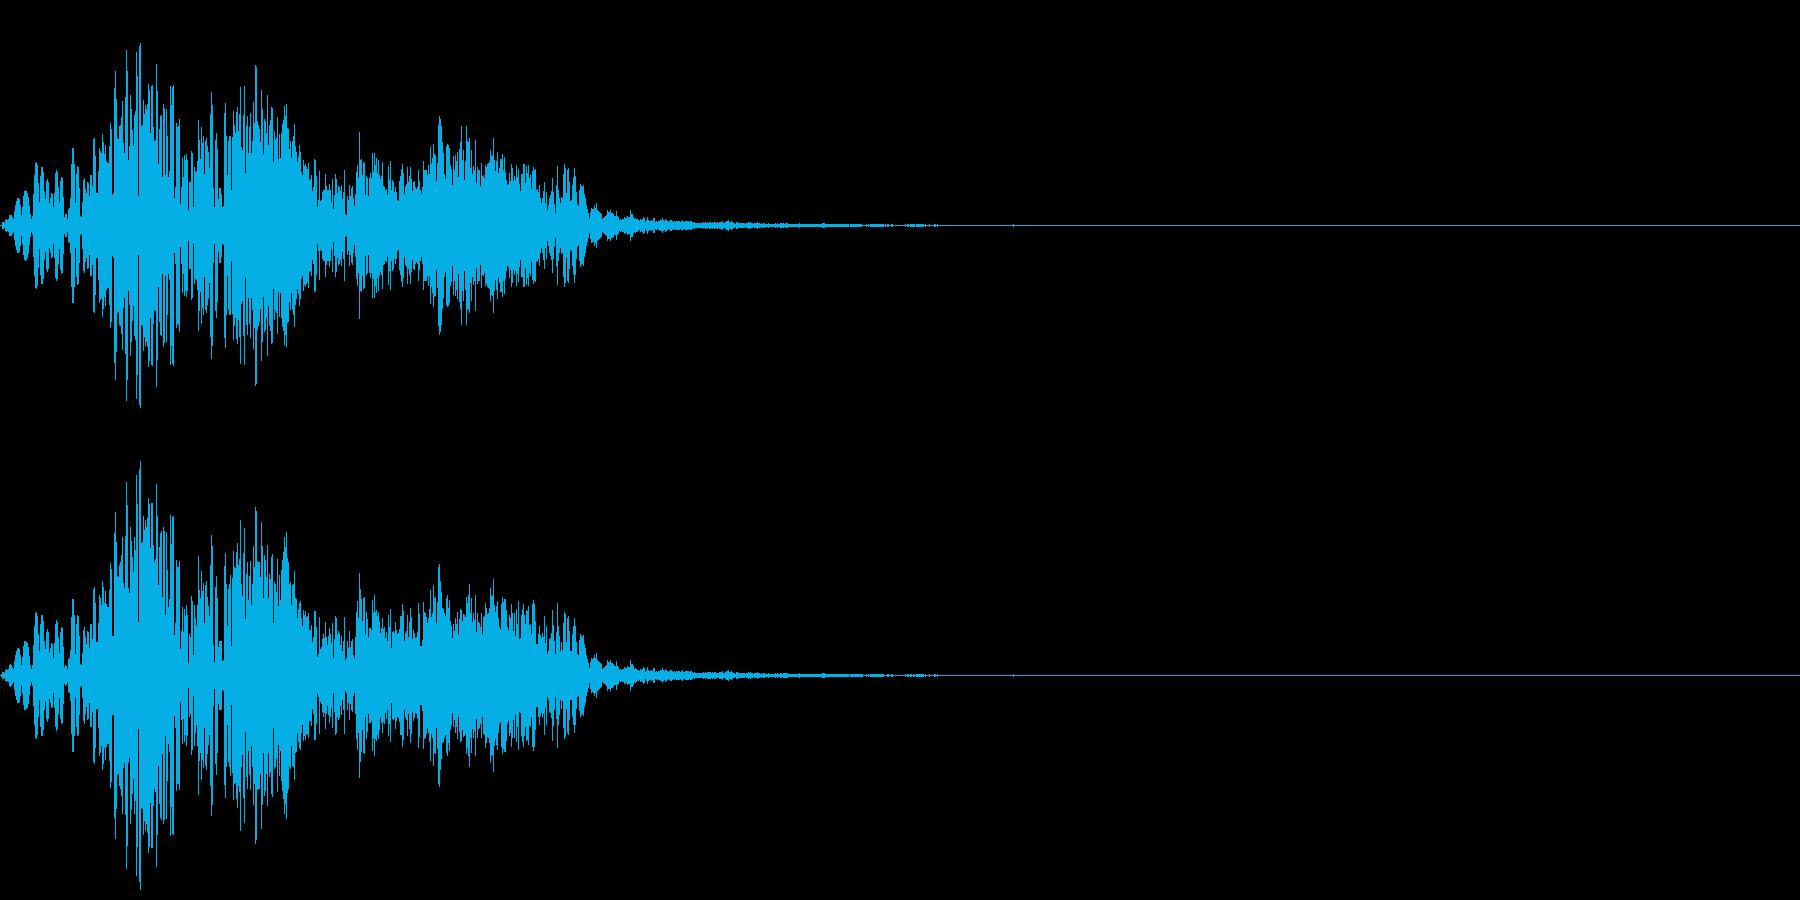 [効果音]能力アップ、魔法の再生済みの波形